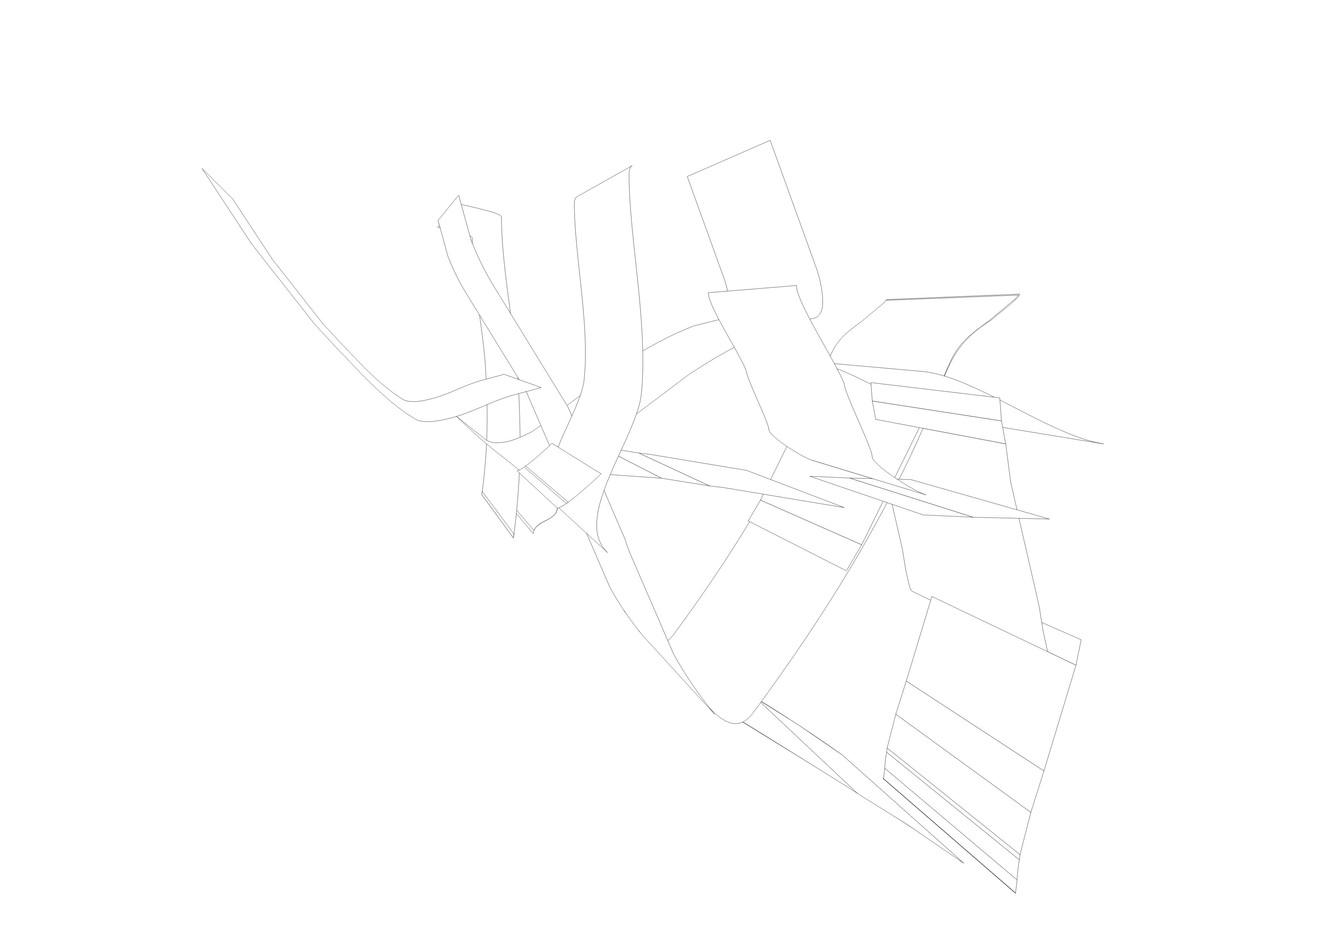 2016 dibujo digital 6.jpg